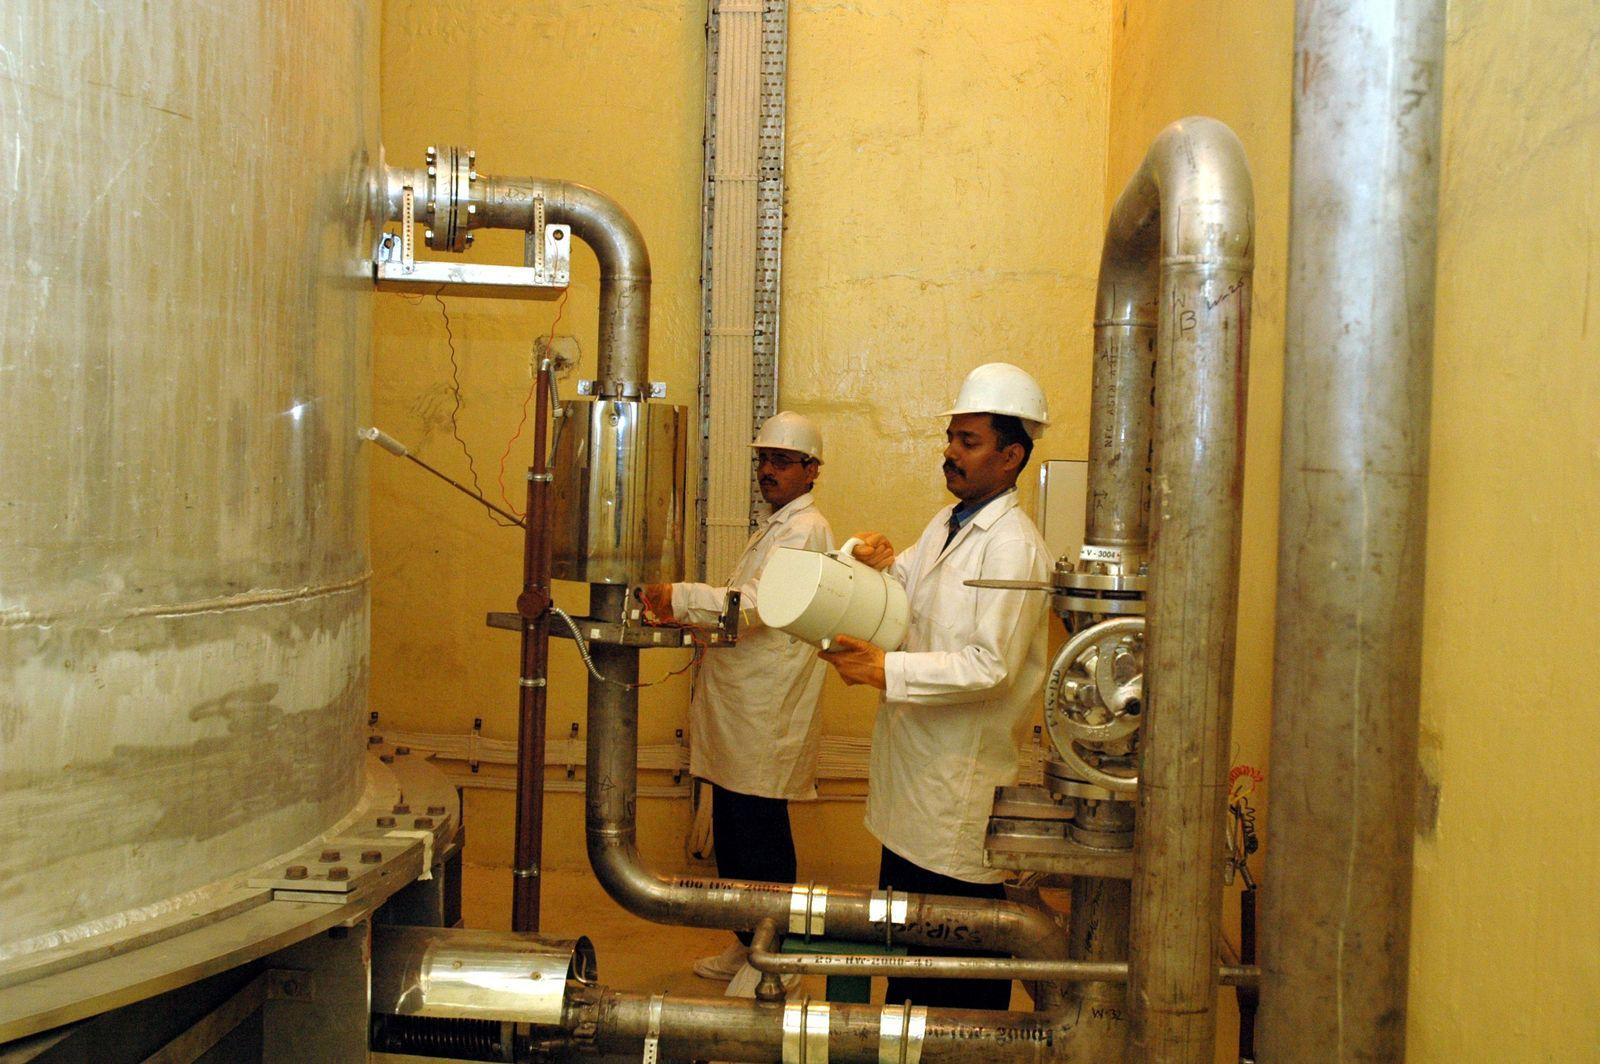 NICHT MEHR VERWENDEN! - Atomenergie / Indien / Thorium